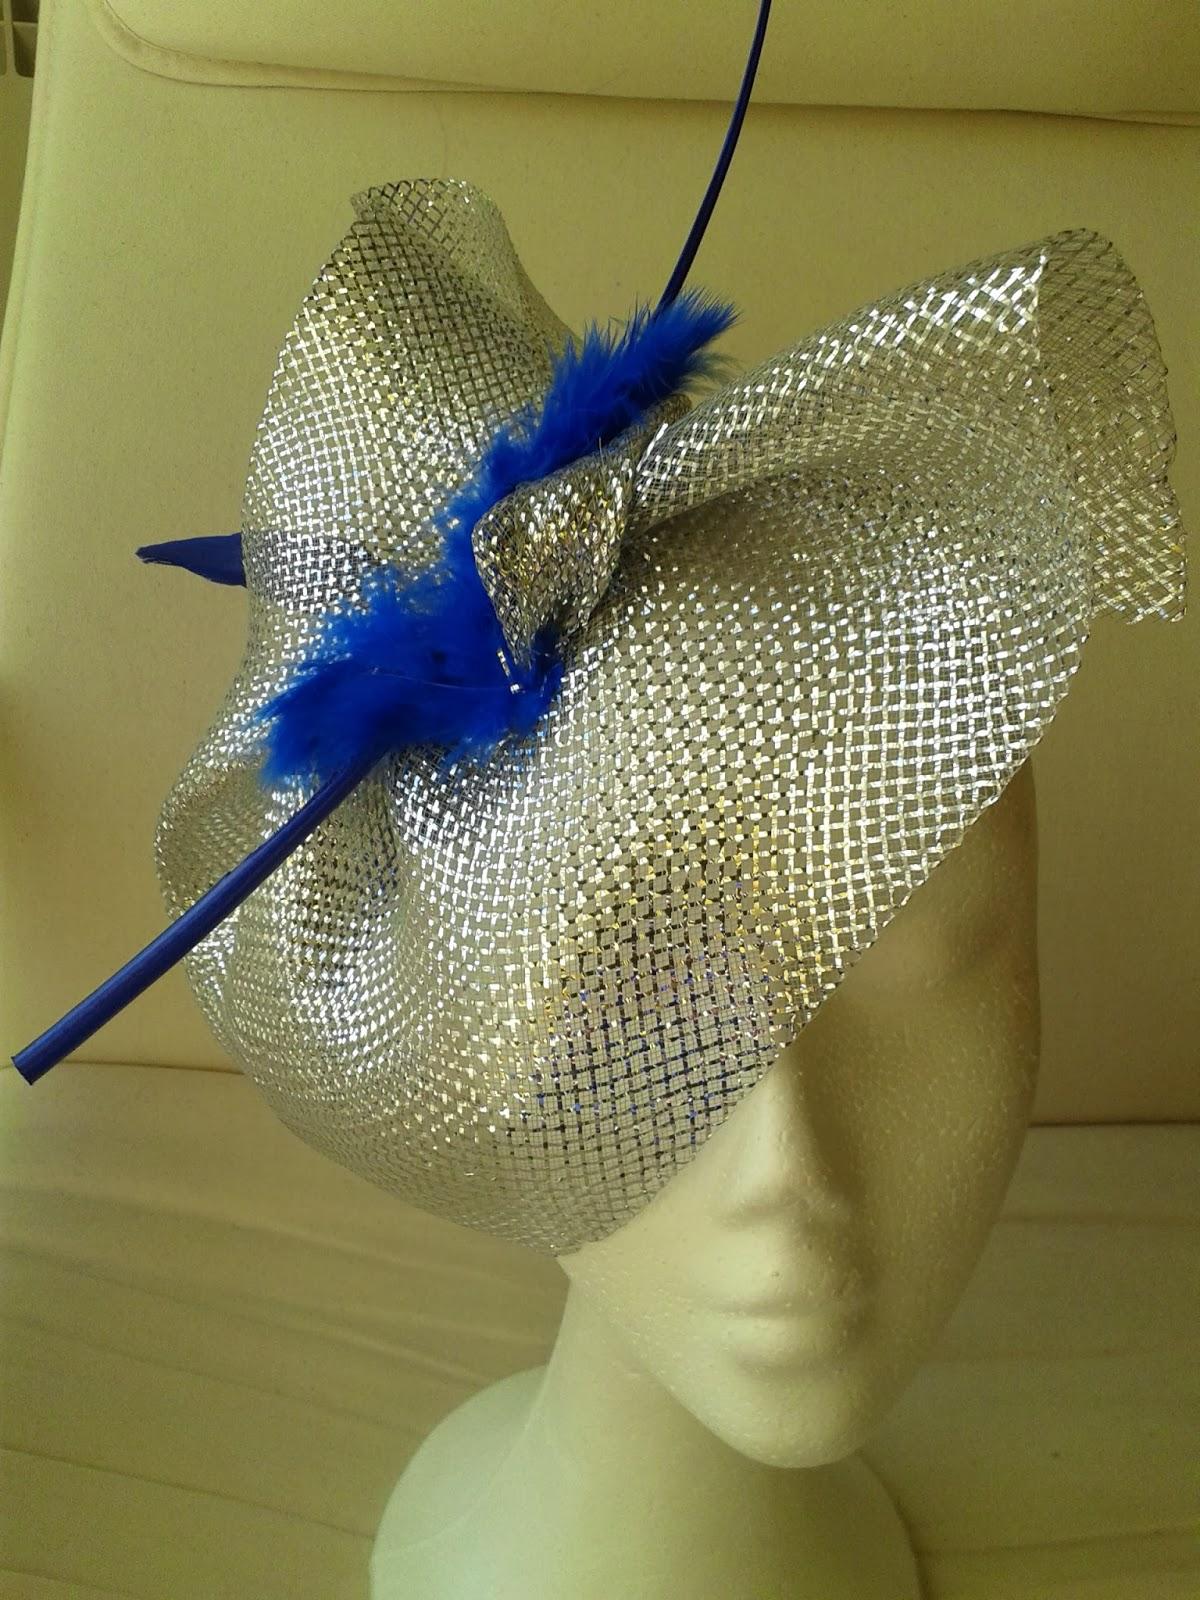 tocado en tonos plata, tocado tonos azul, tocados baratos, tocados económicos, tocados para bodas, tocados con plumas